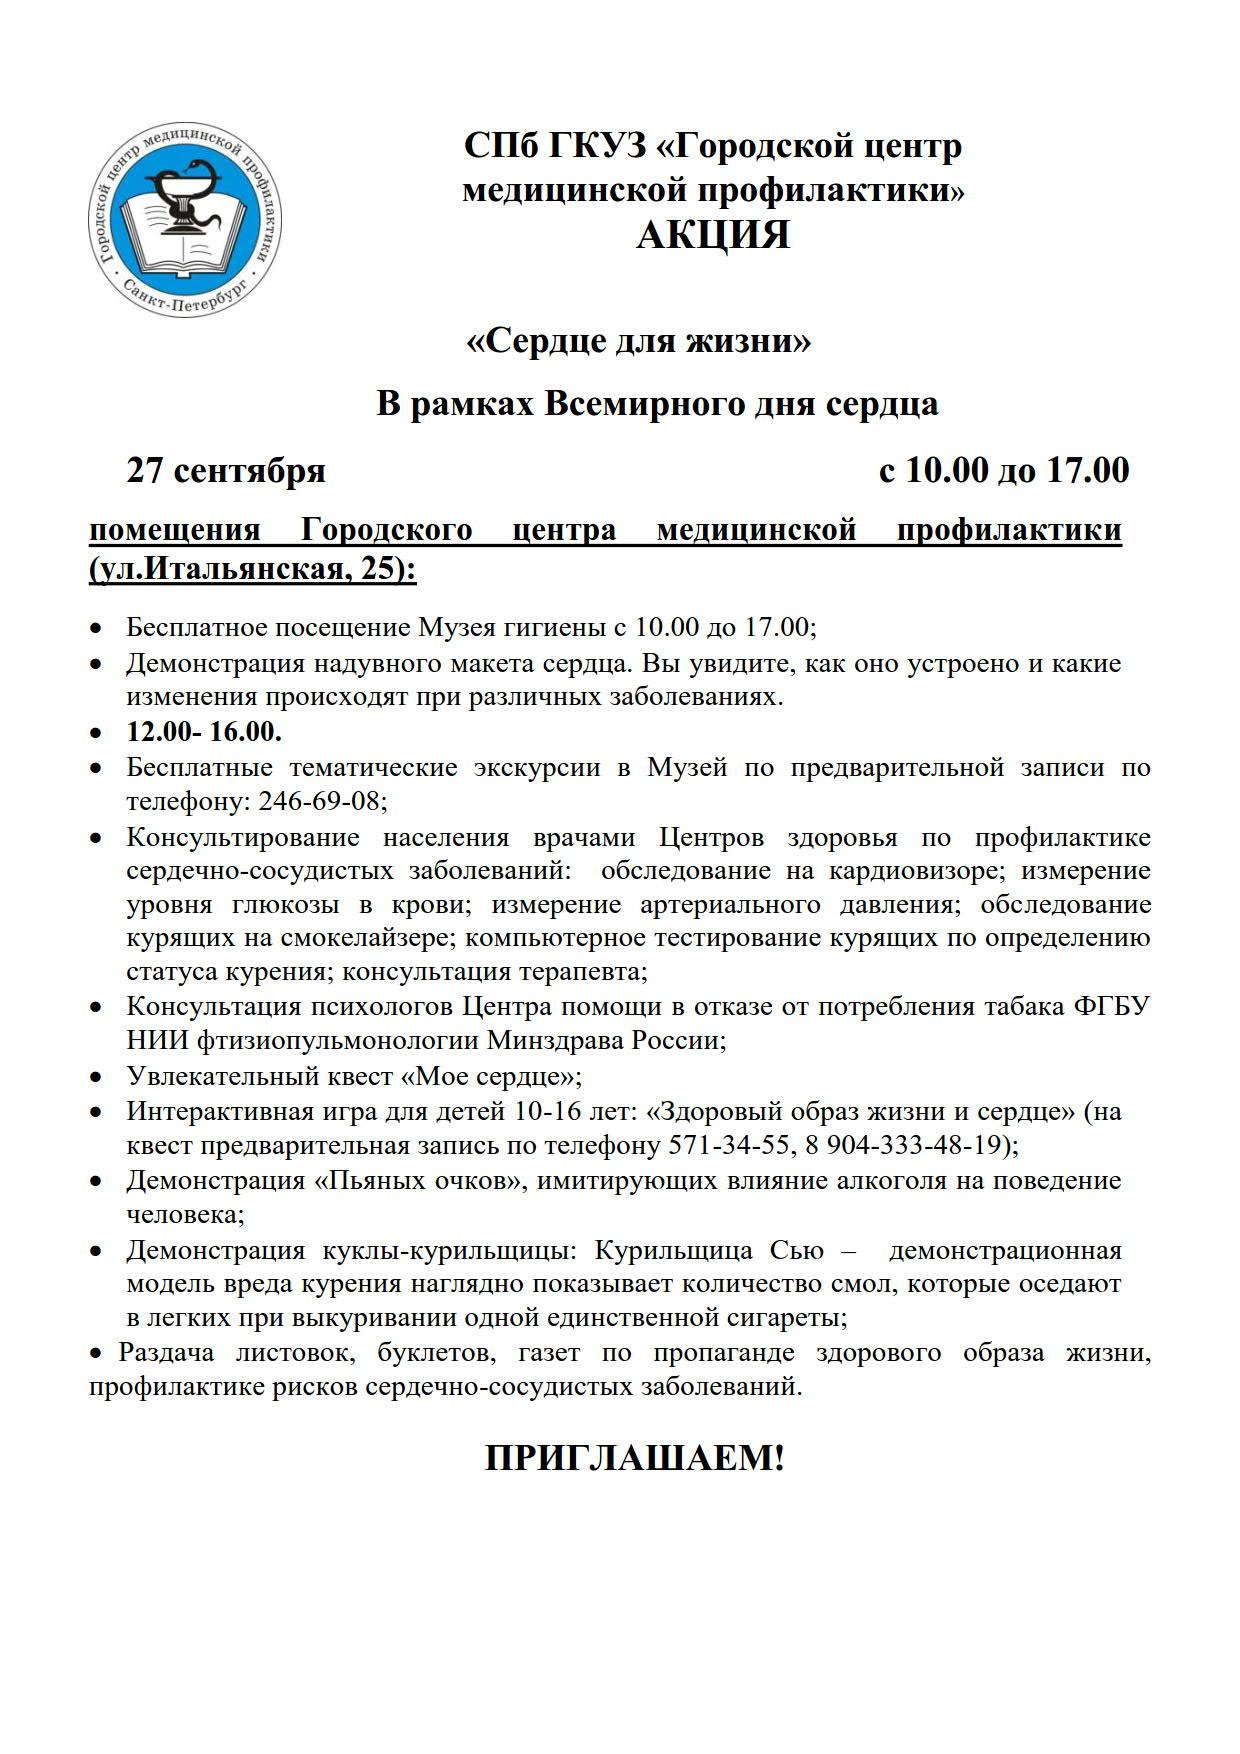 2019 о размещ объявл -РАССЫЛКА об Акции к Всемирн дню сердца_1